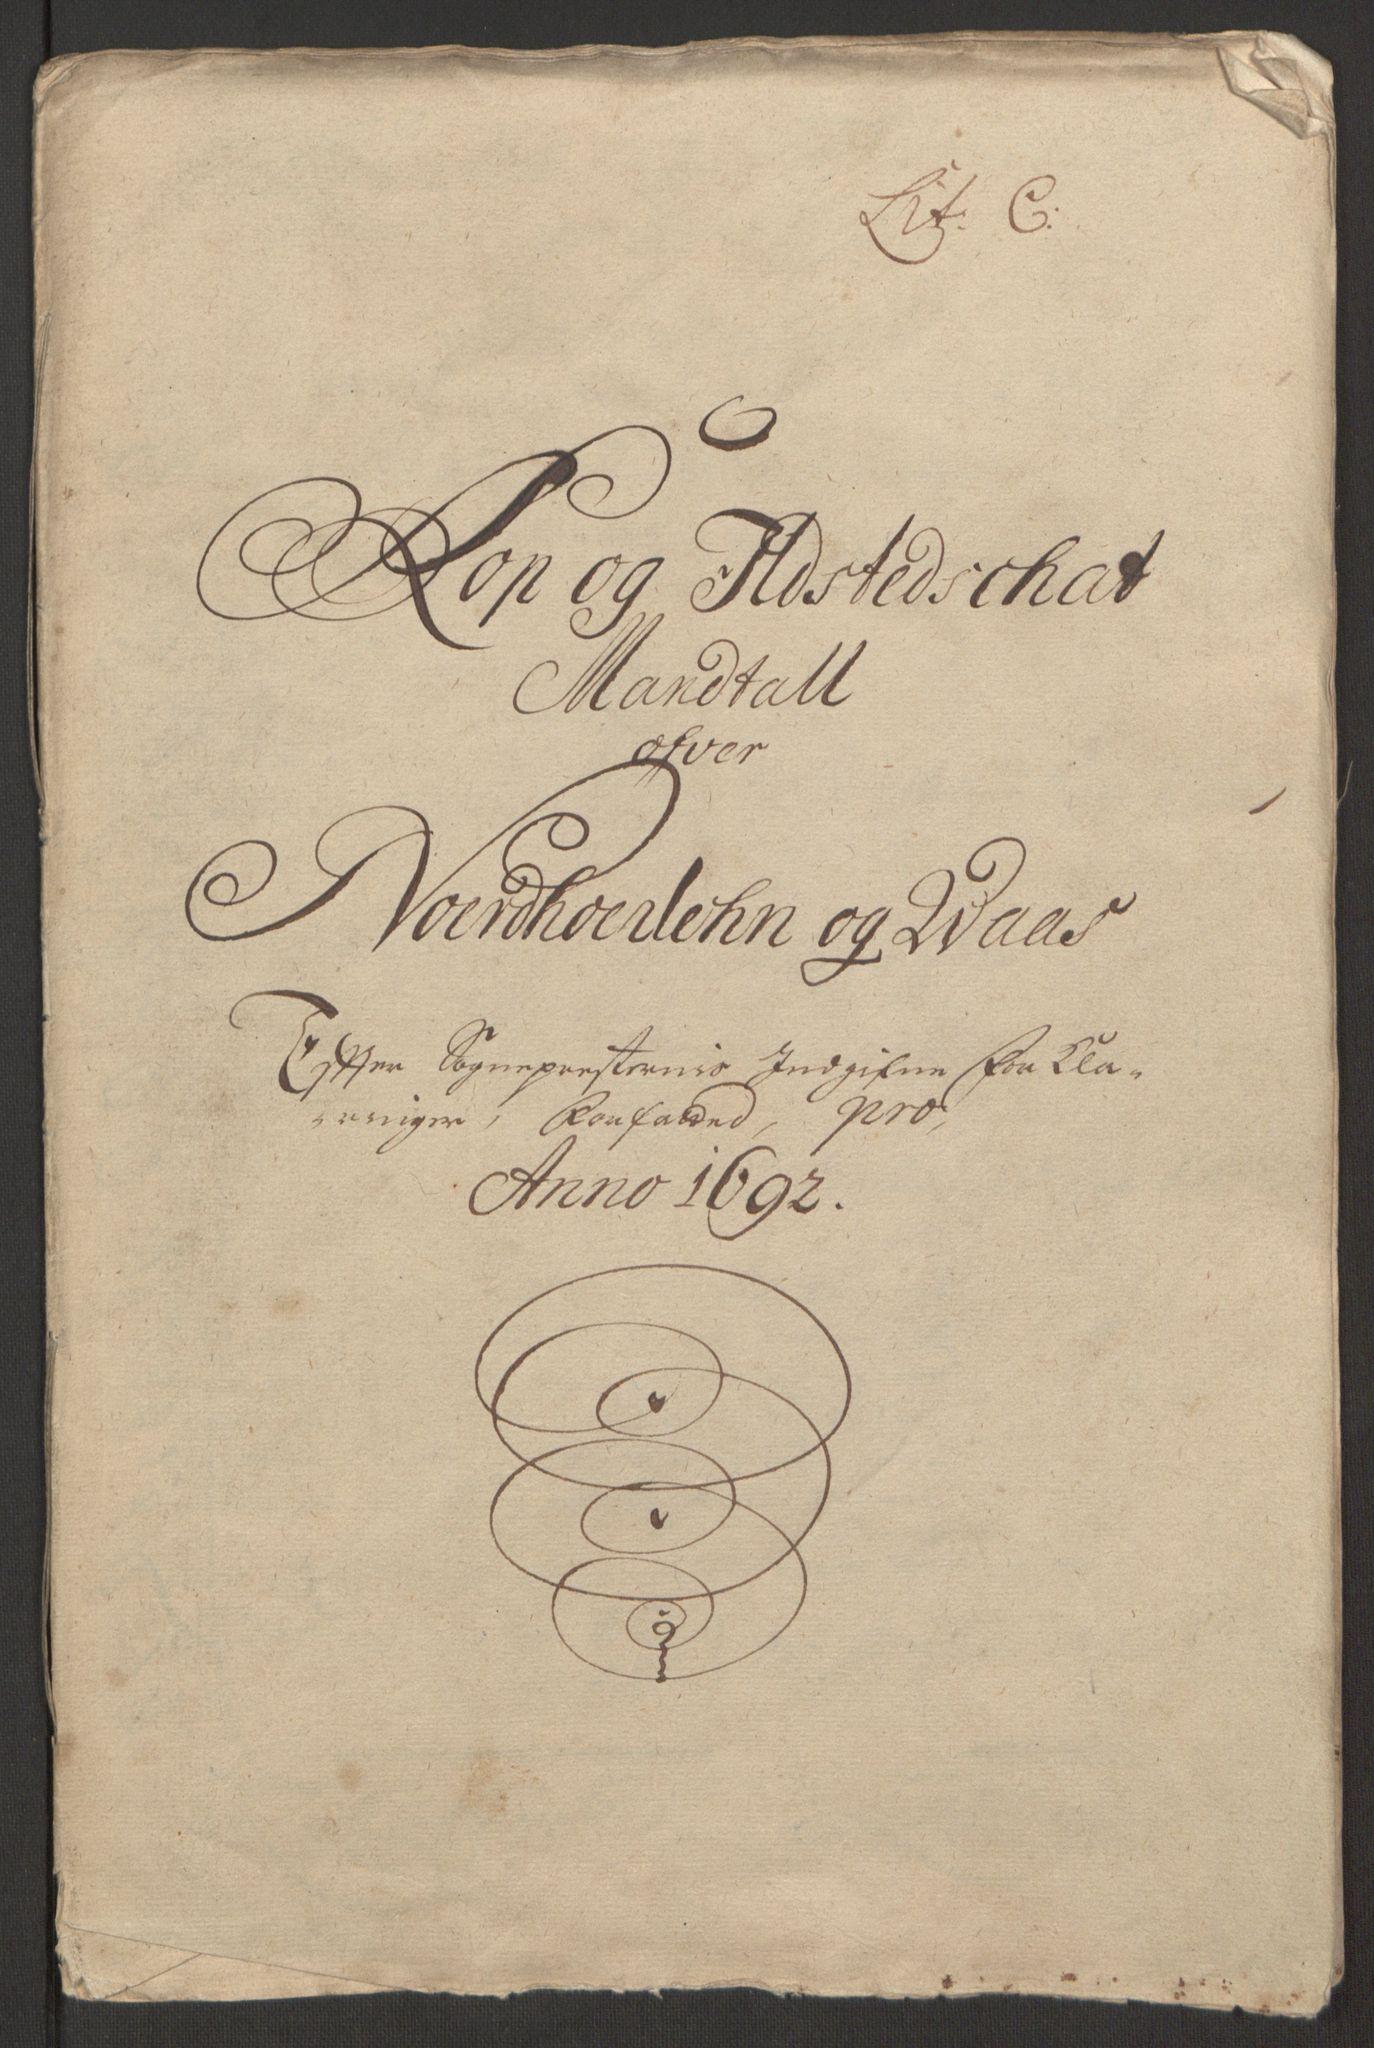 RA, Rentekammeret inntil 1814, Reviderte regnskaper, Fogderegnskap, R51/L3181: Fogderegnskap Nordhordland og Voss, 1691-1692, s. 307